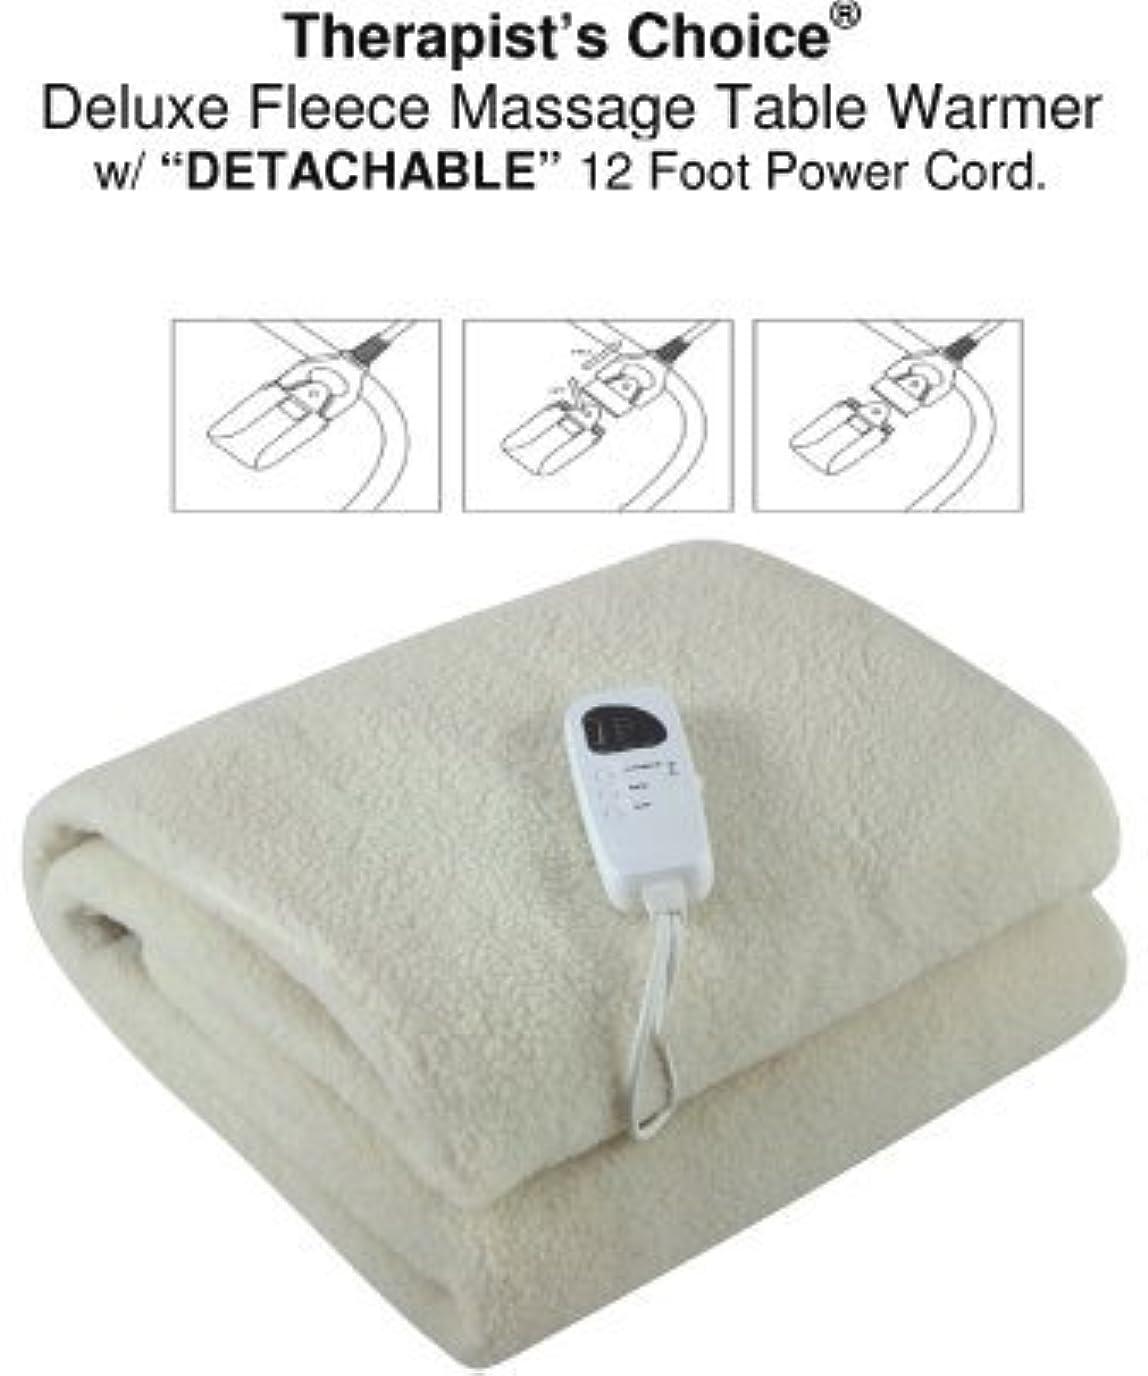 菊見つける甥Therapist's Choice Deluxe Fleece Massage Table Warmer w/DETACHABLE 12 Foot Power Cord. For Use with Massage Tables...